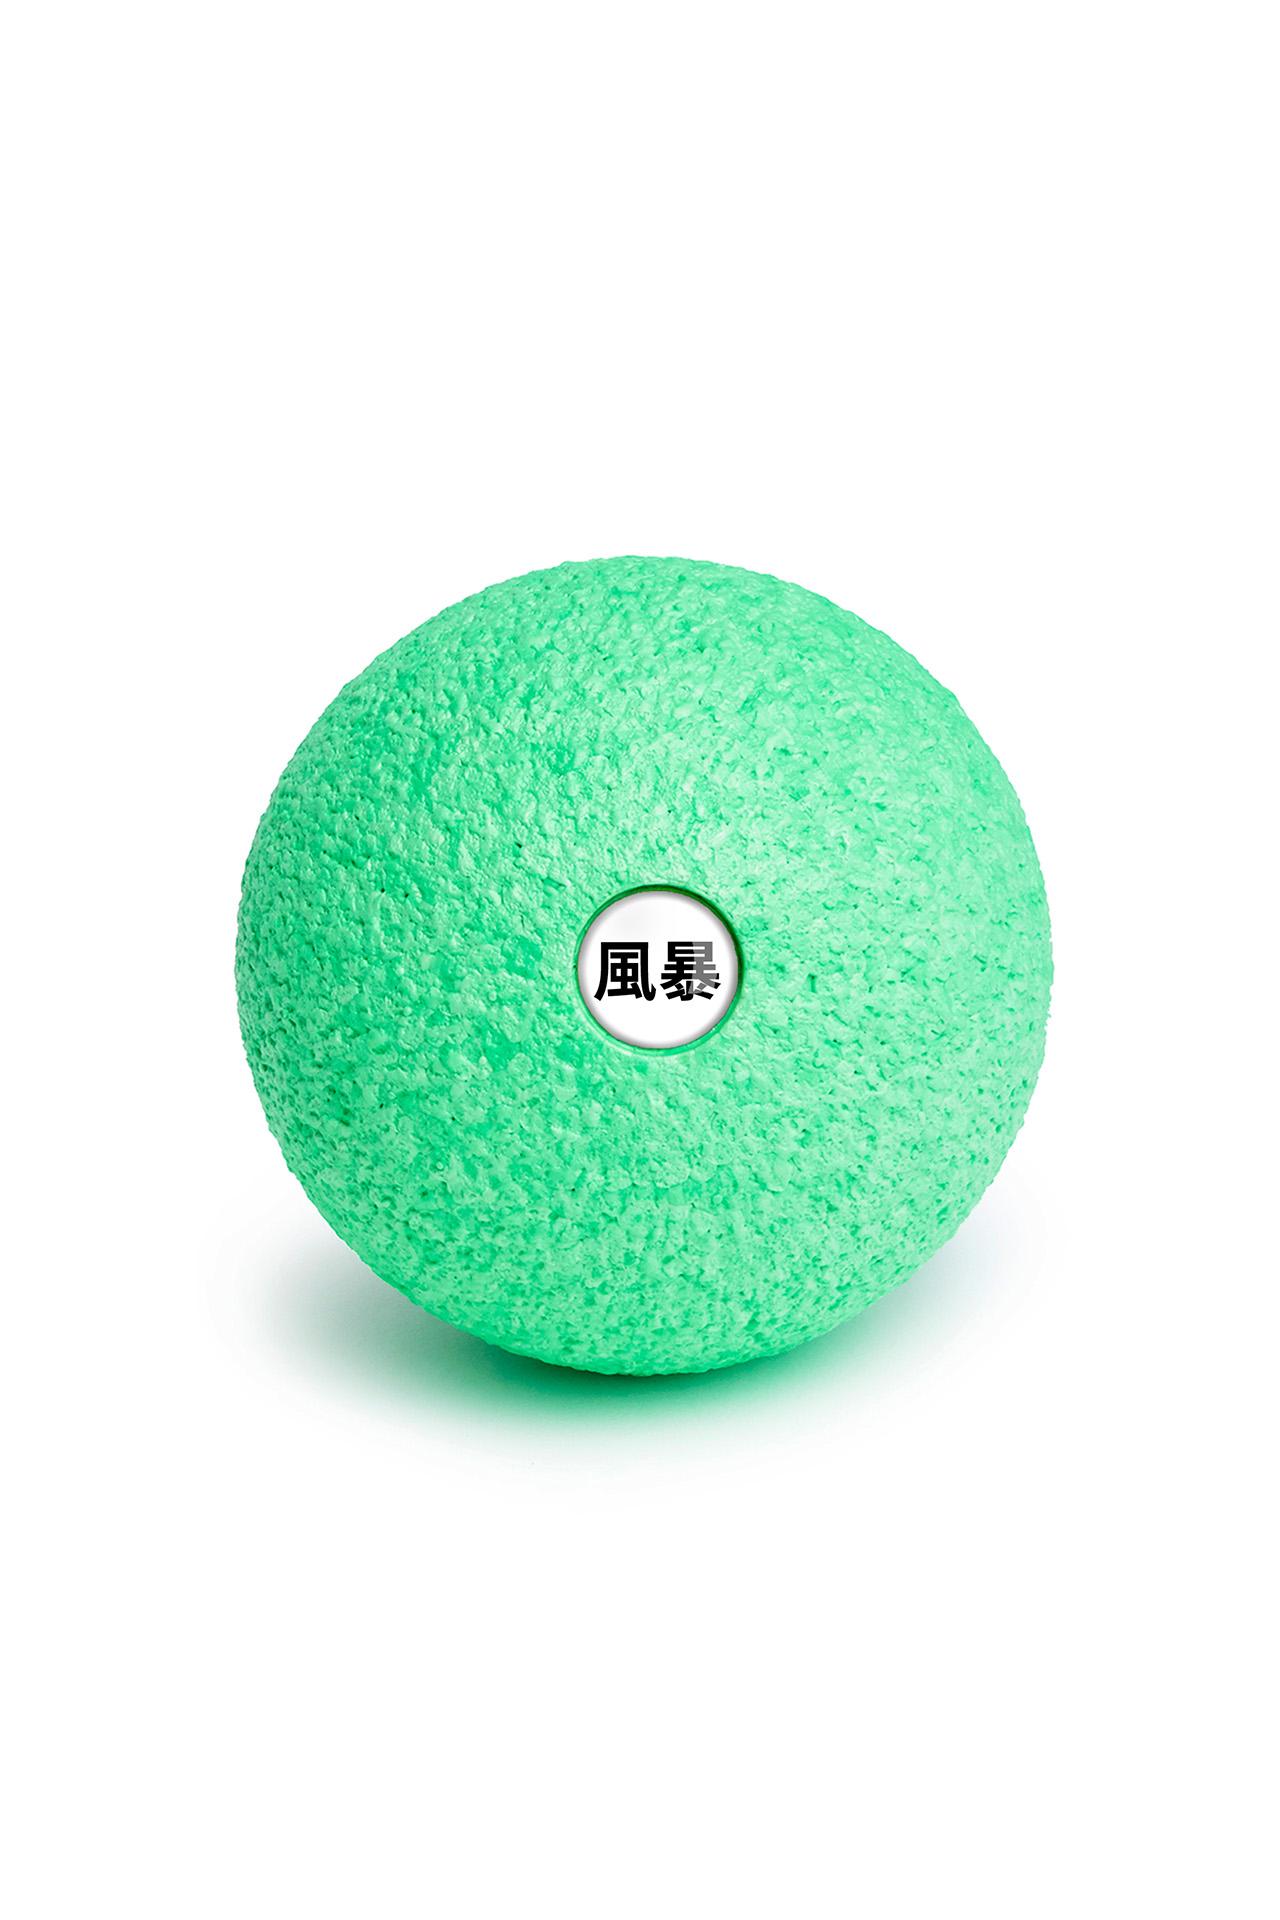 blackroll ball 8cm fengbao kung fu shop wien 1080 mint gruen